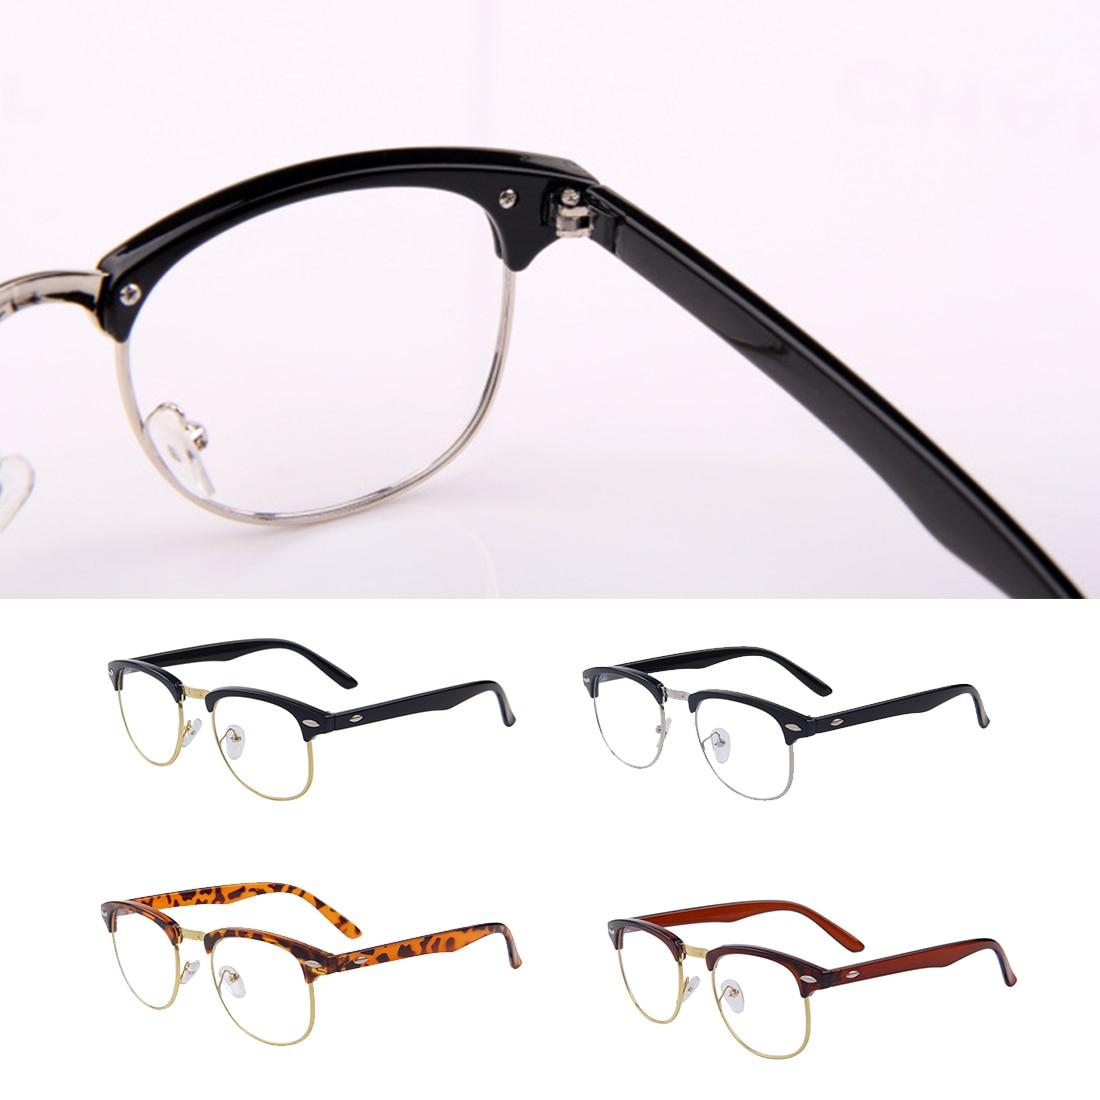 Klassische Klare Linse Nerd Rahmen Gläser Mode Entworfen Männer ...